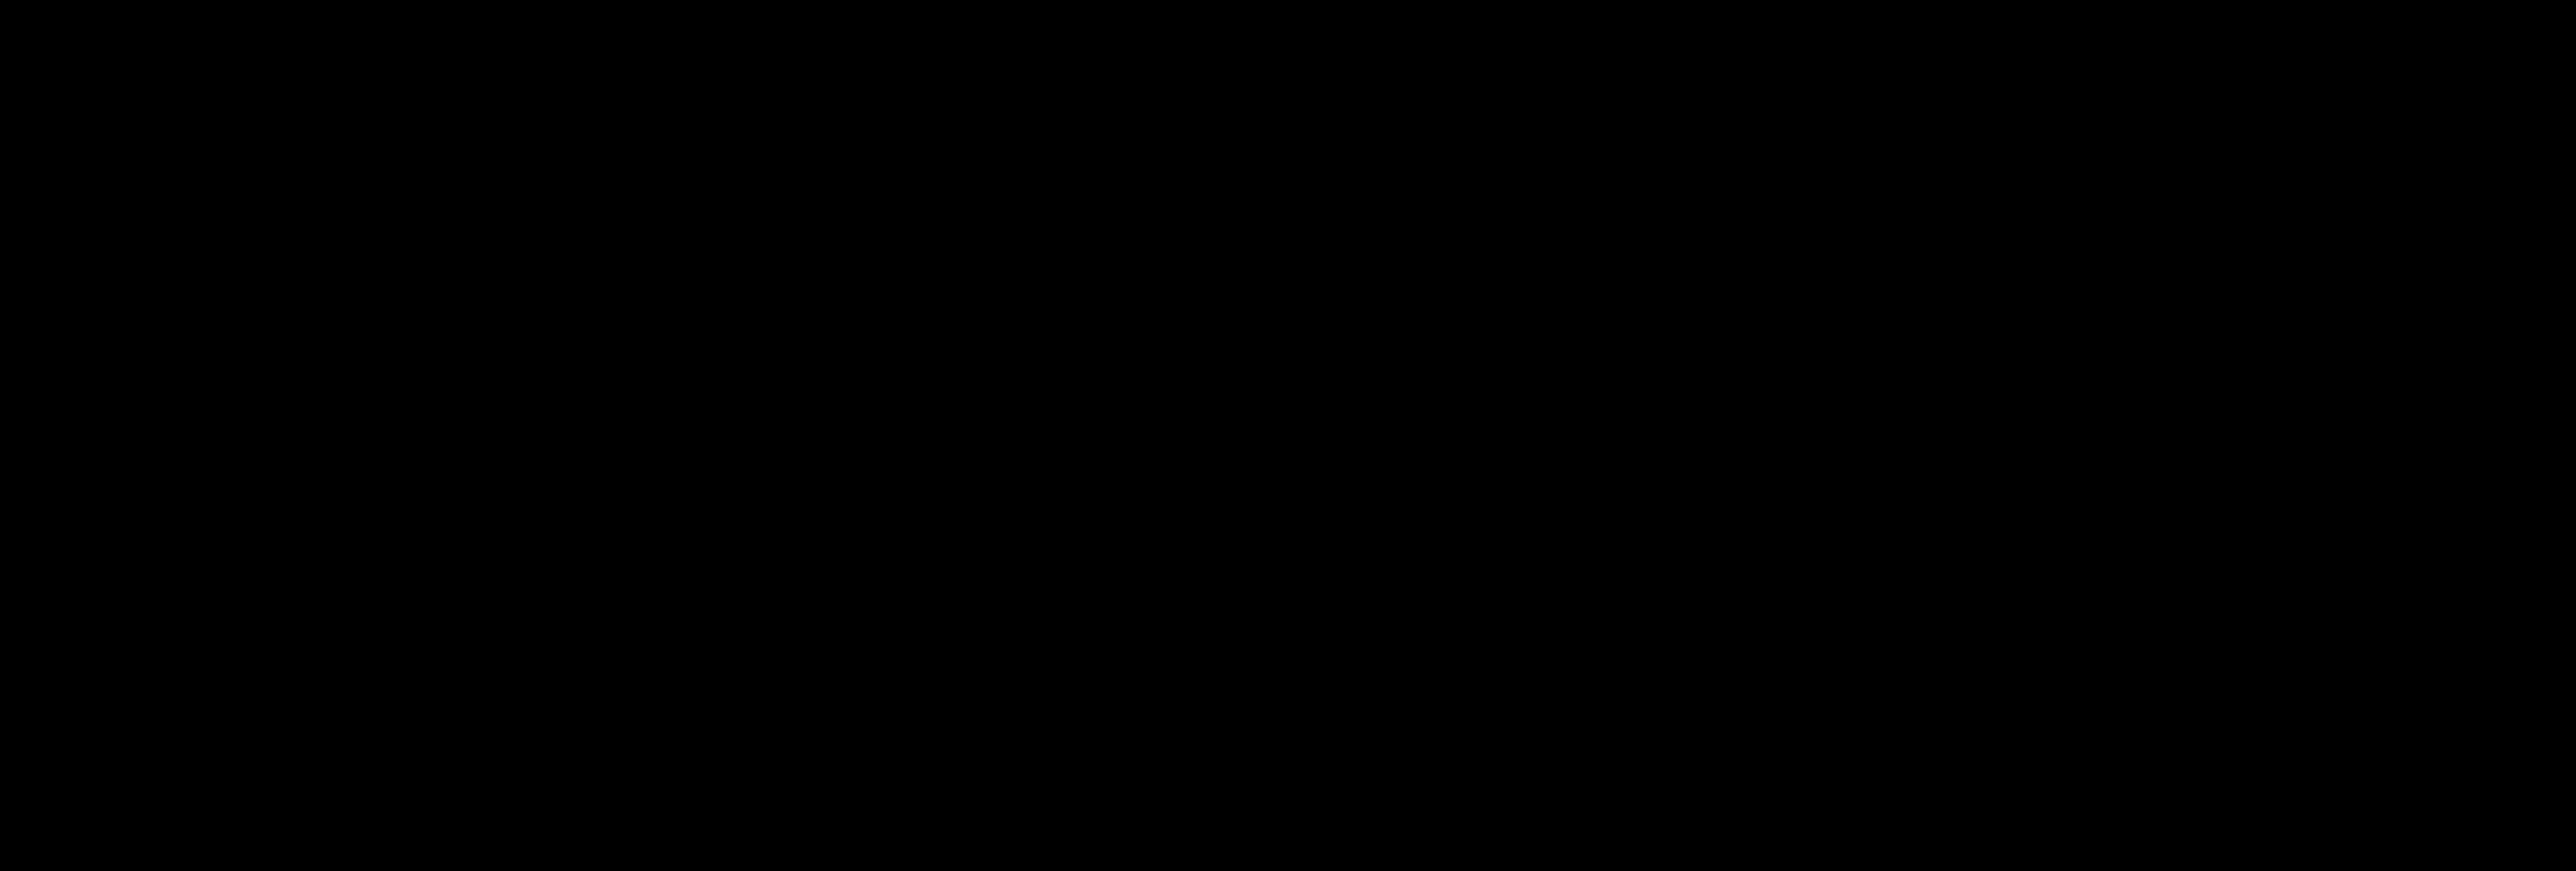 Colomba lajiteltu, määrä hiukan arvioitua suurempi